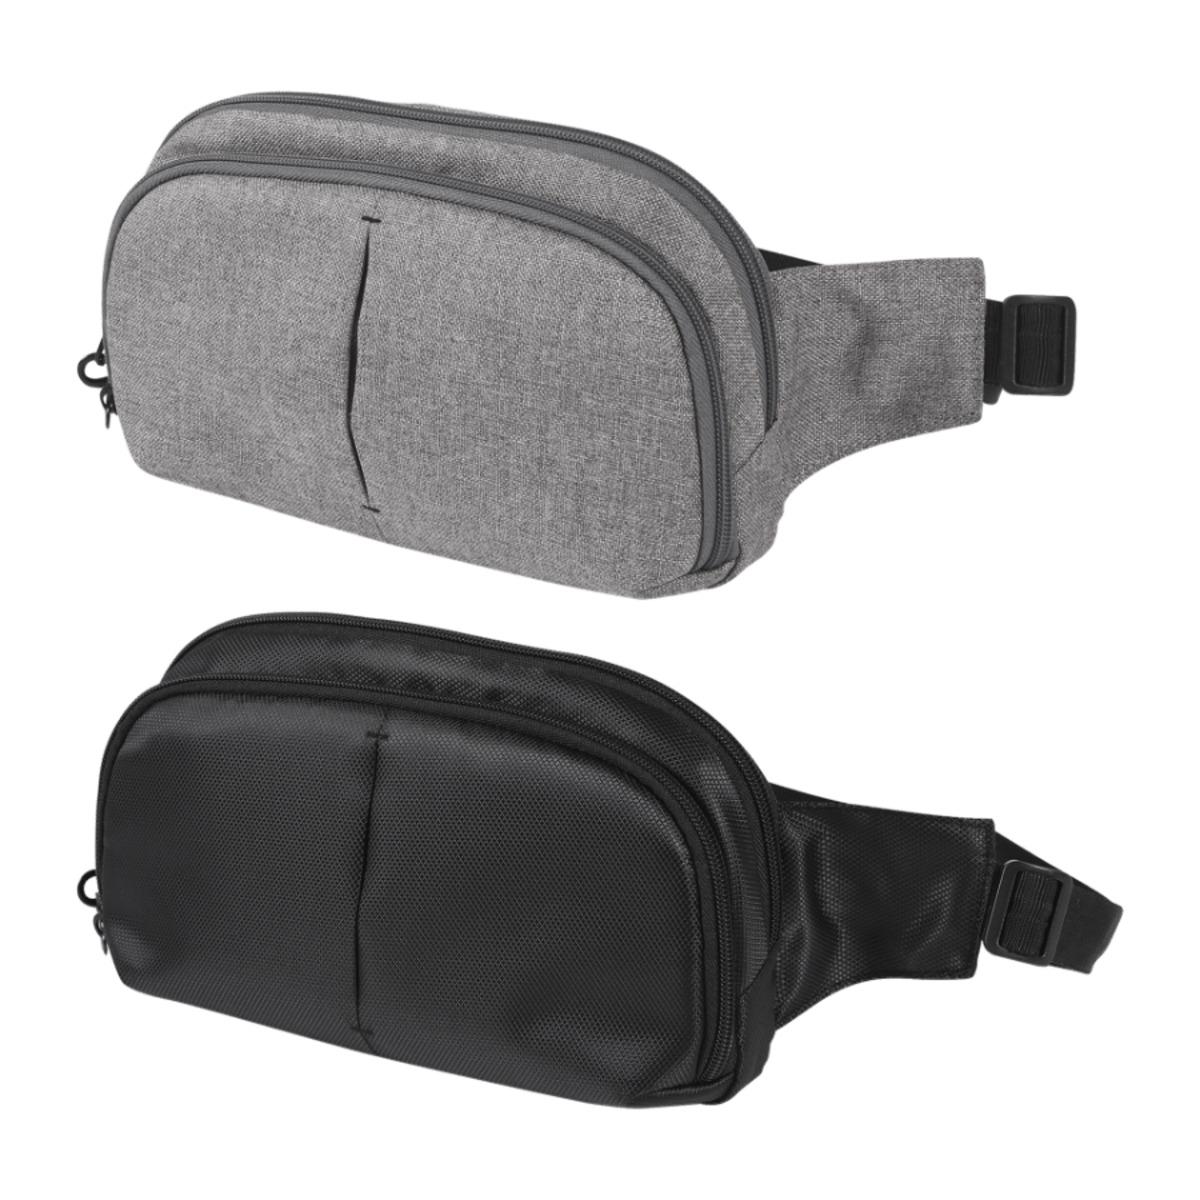 Bild 1 von ROYAL LIFE     Diebstahlschutz-Tasche